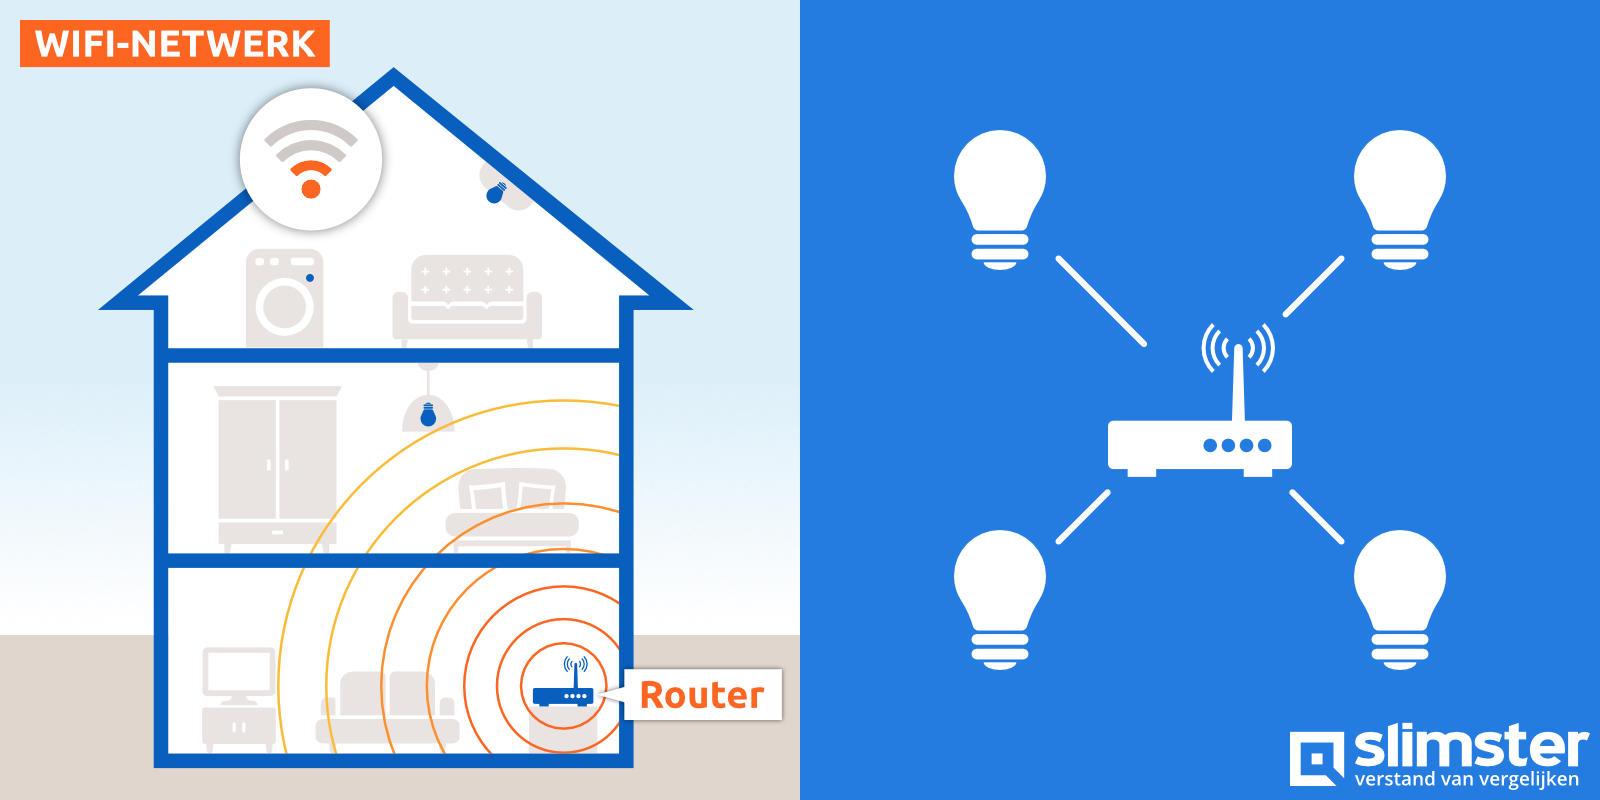 domotica protocollen wifi